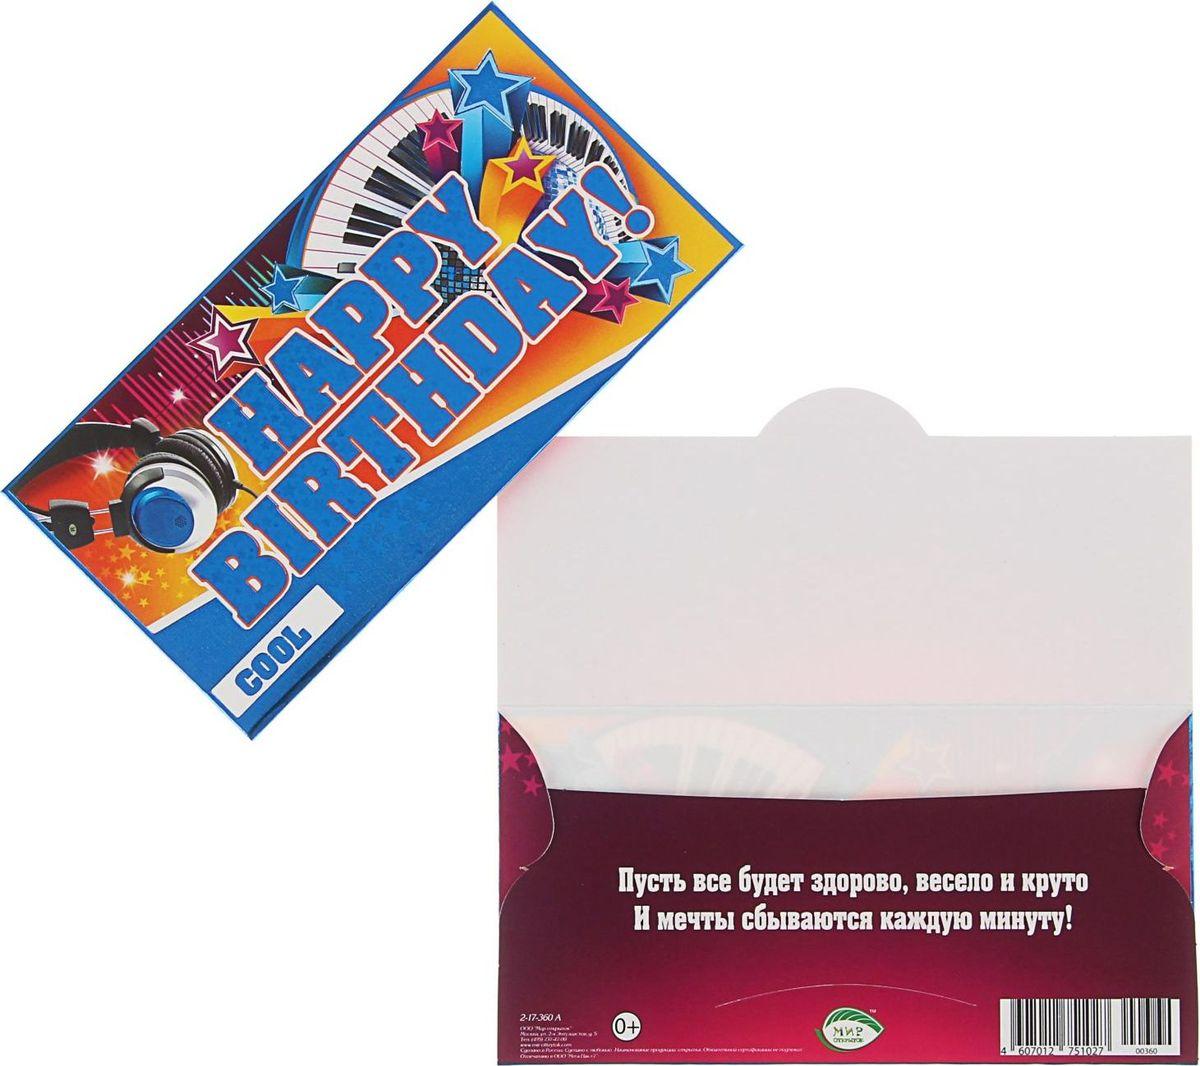 Конверт для денег Мир открыток Happy Birthday! Наушники, синтезатор, 16,4 х 8,4 см1609741Невозможно представить нашу жизнь без праздников! Мы всегда ждём их и предвкушаем, обдумываем, как проведём памятный день, тщательно выбираем подарки и аксессуары, ведь именно они создают и поддерживают торжественный настрой. Этот конверт - отличный выбор, который привнесёт атмосферу праздника в ваш дом!